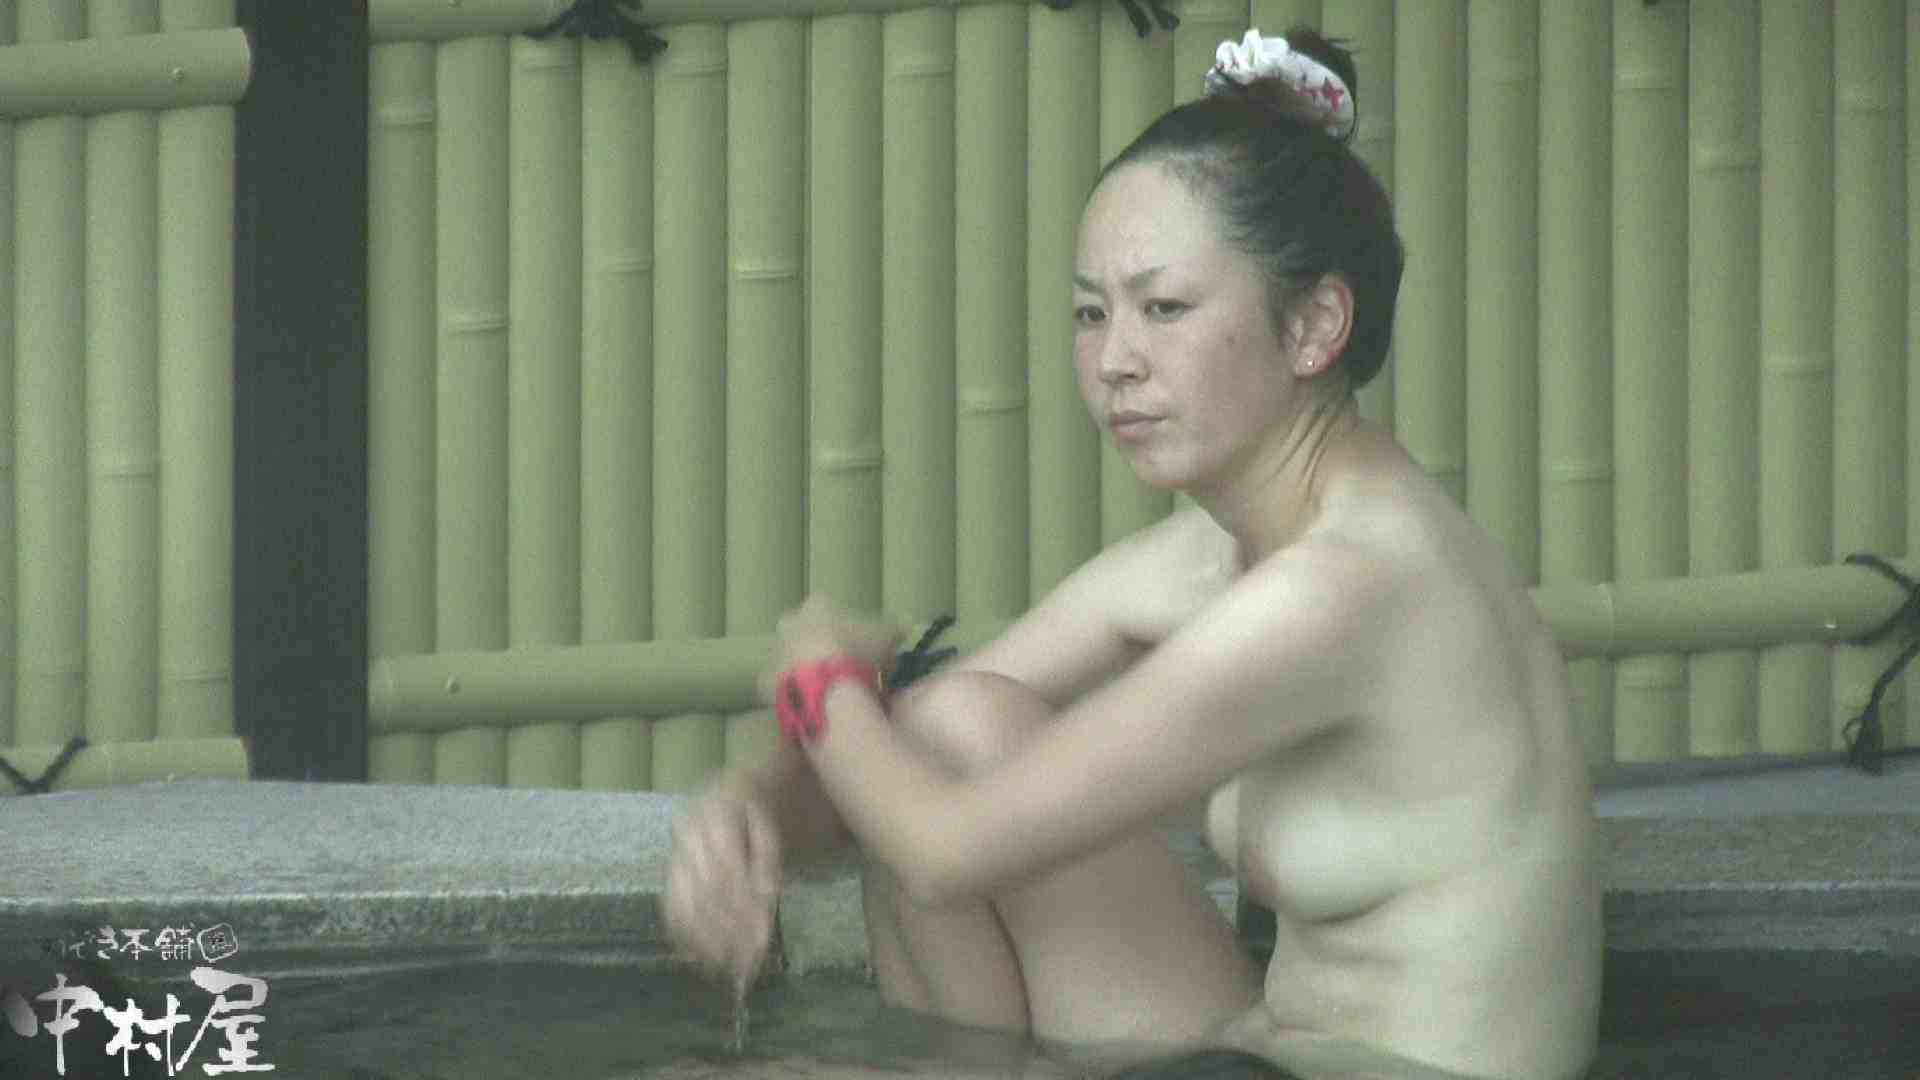 Aquaな露天風呂Vol.911 露天  107画像 39